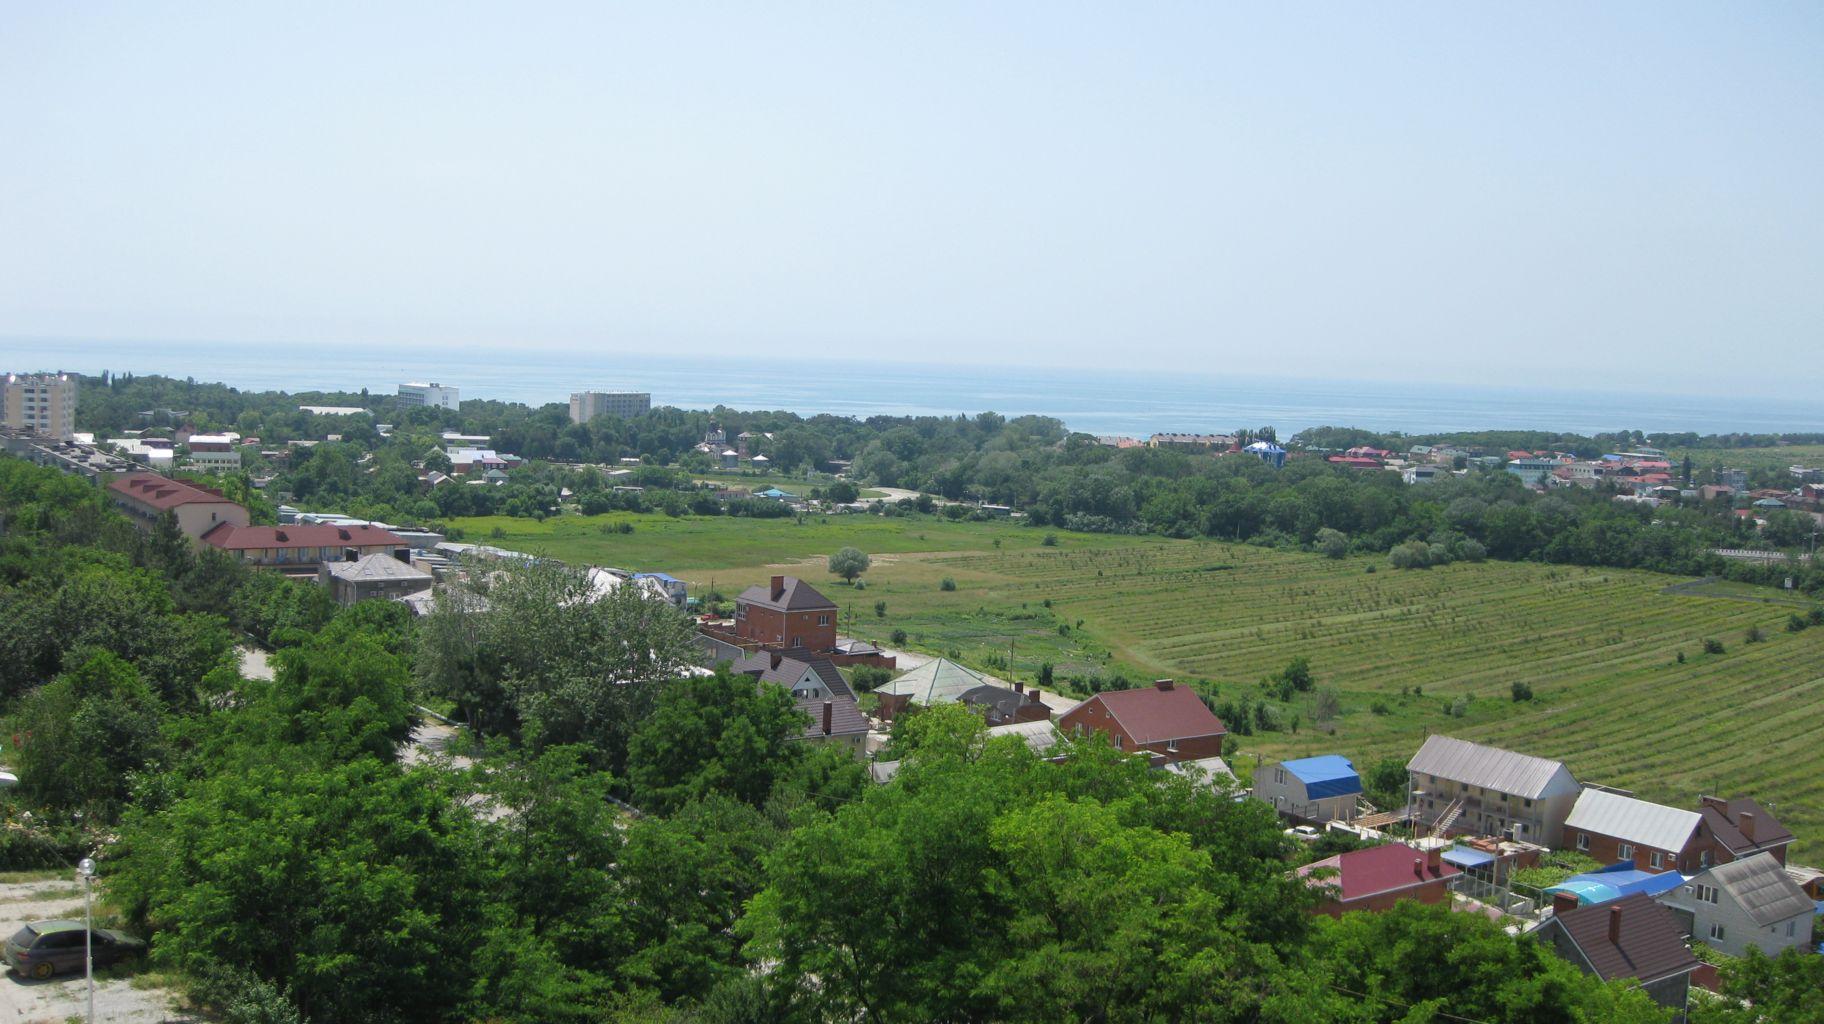 Село Возрождение Геленджик фото